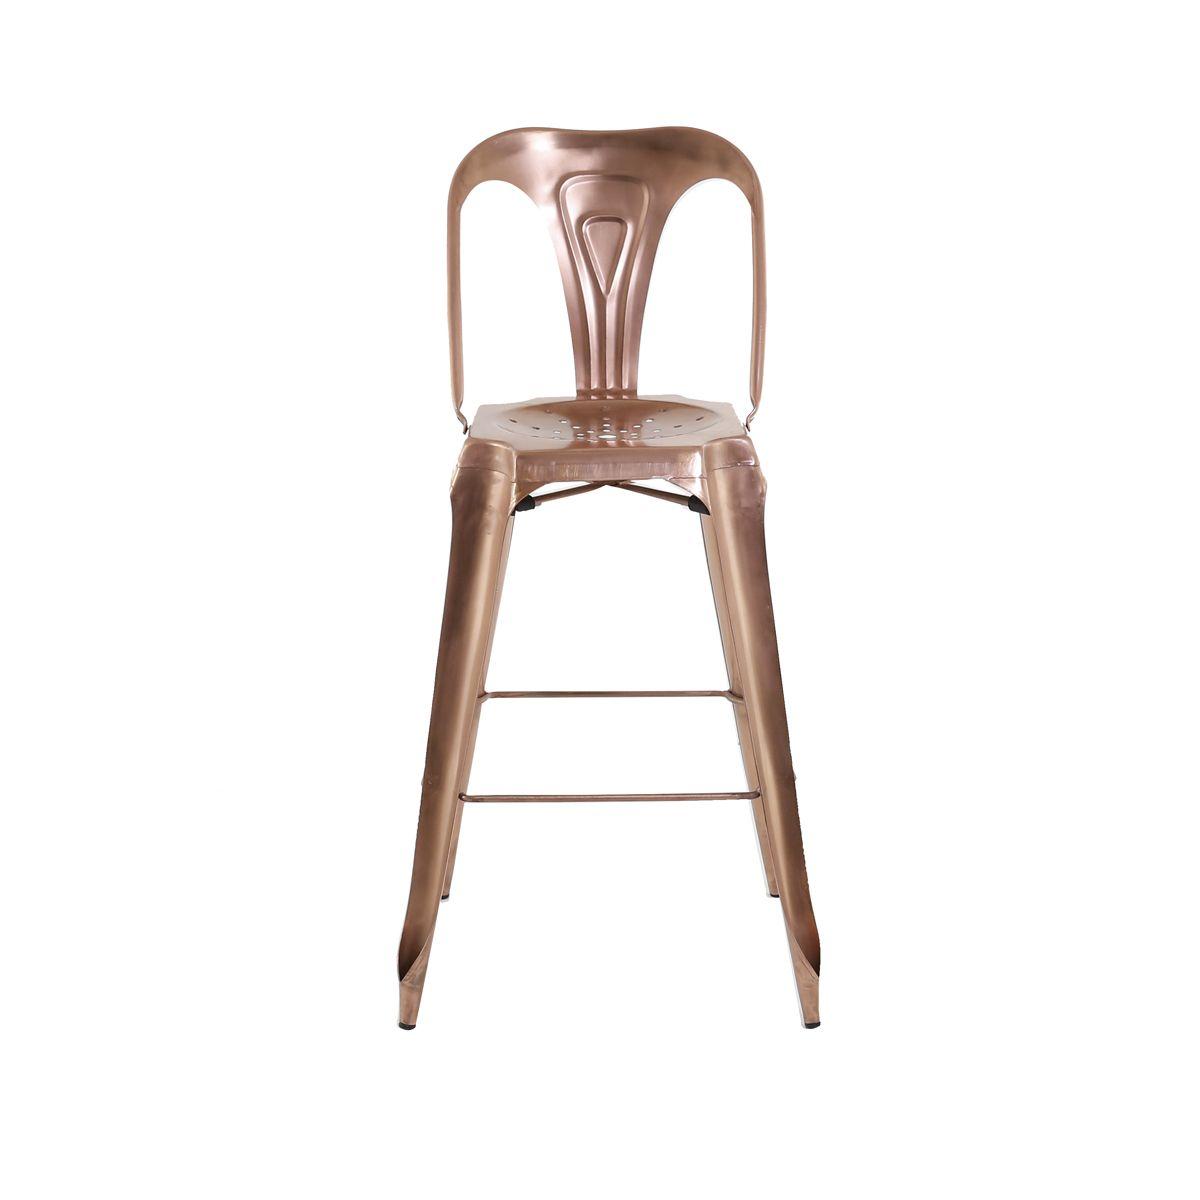 chaise de bar style industriel métal cuivre vieilli | zago store - Chaise De Bar Industriel